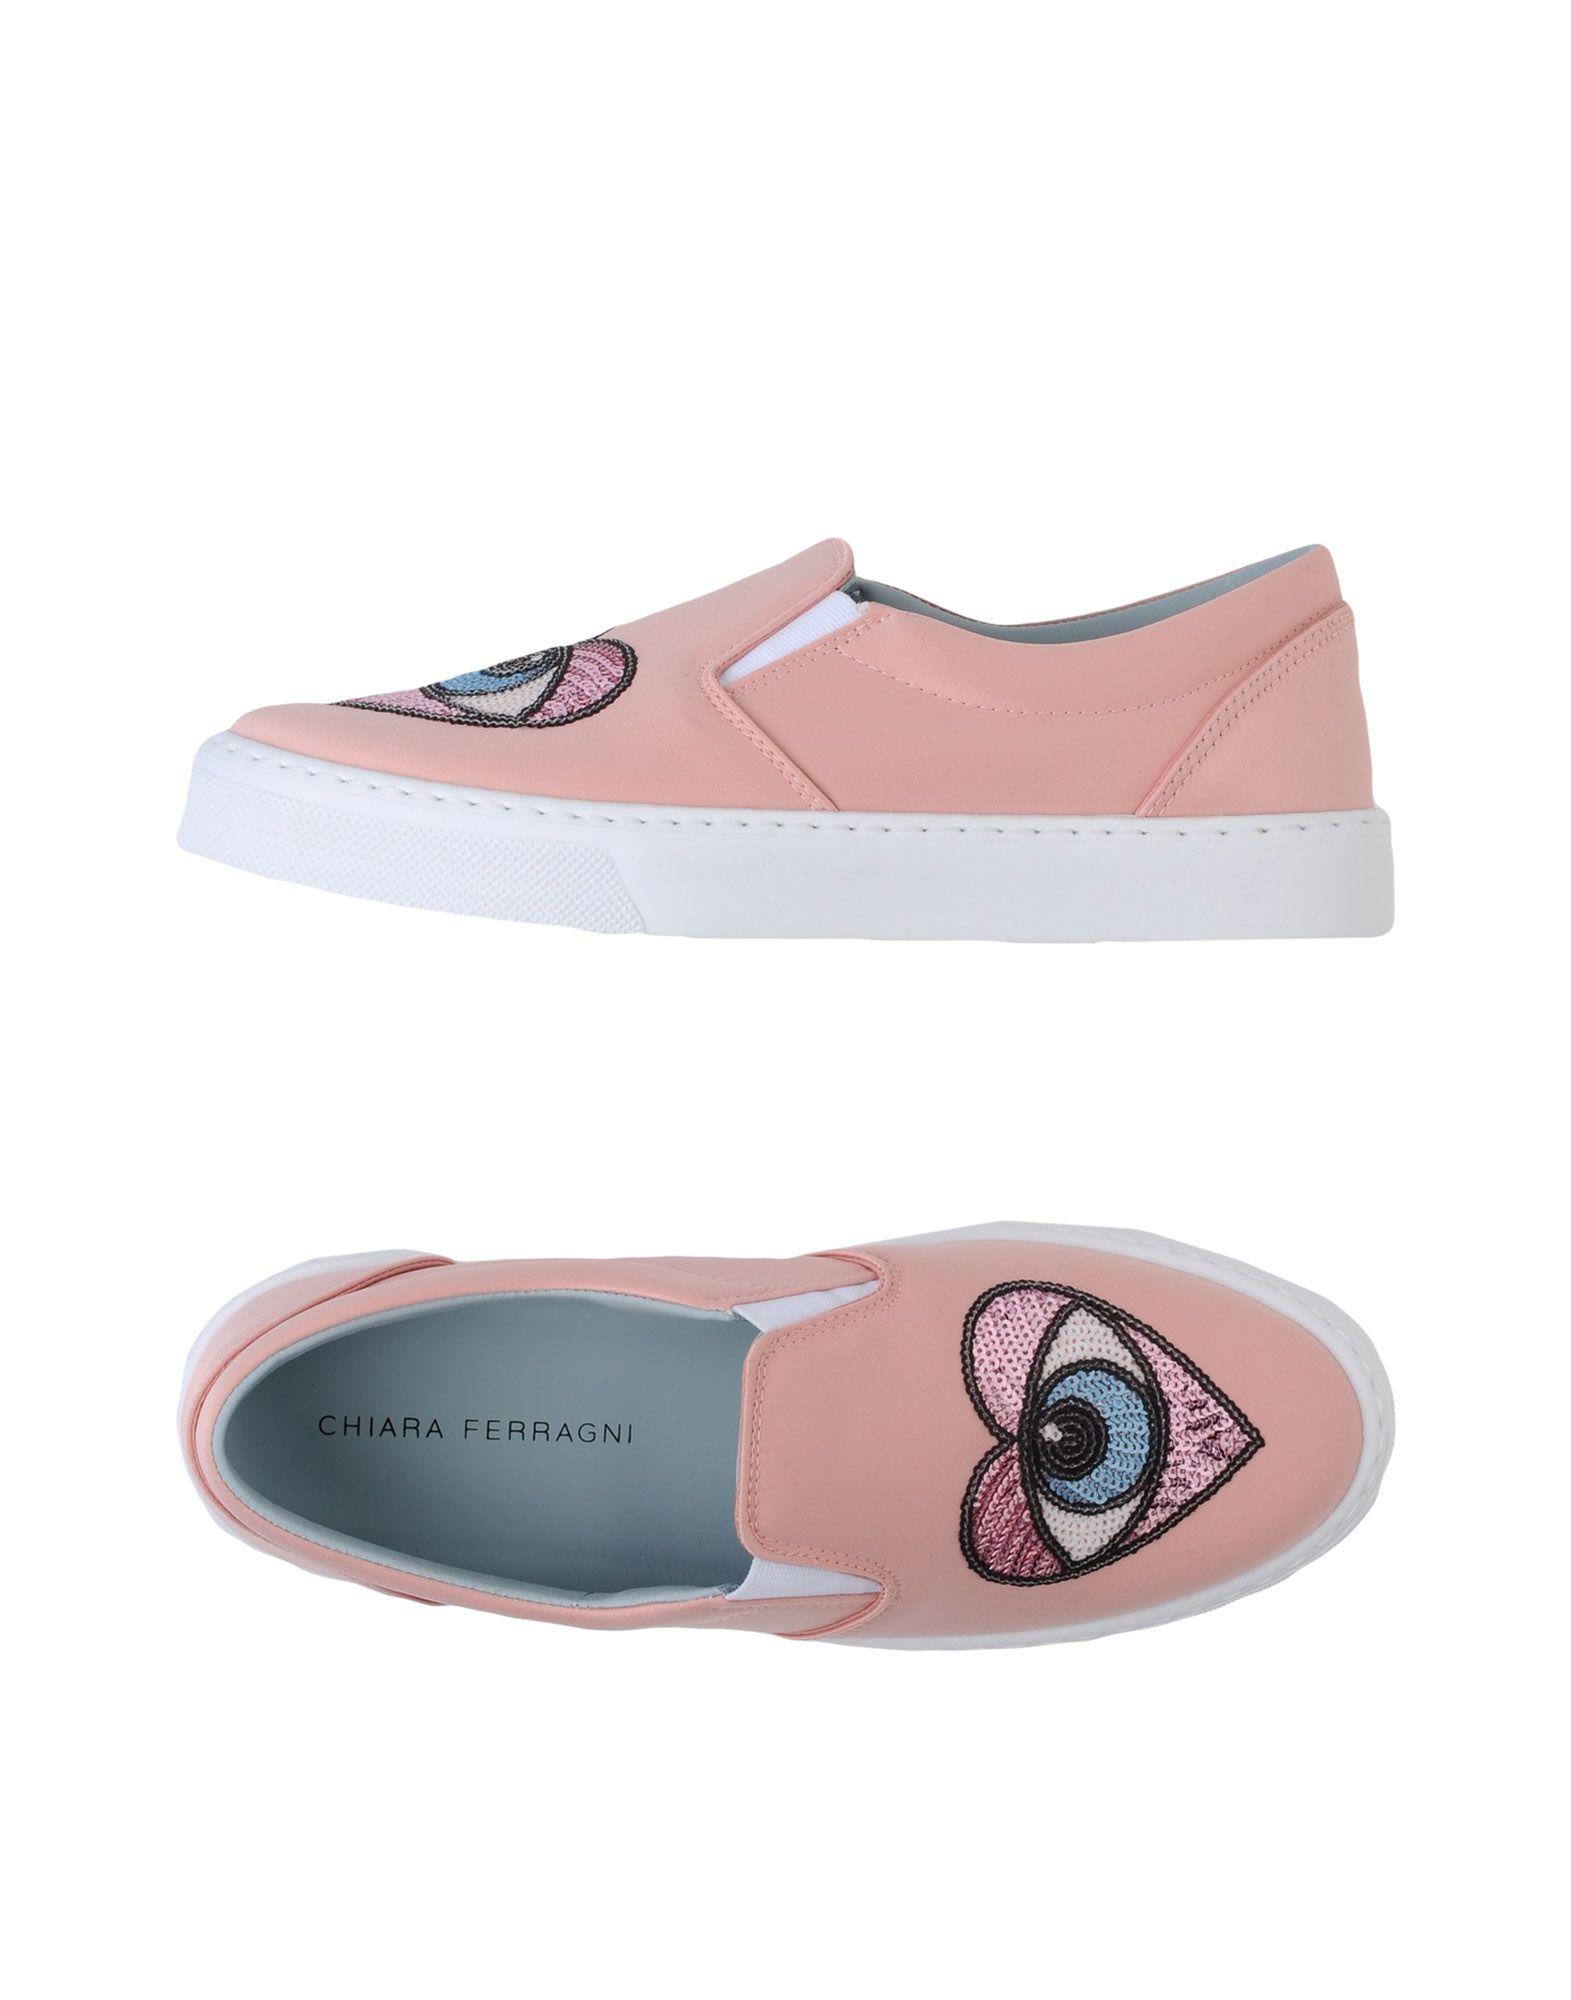 Stilvolle billige Schuhe Chiara Ferragni 11380619RM Sneakers Damen  11380619RM Ferragni 444a57